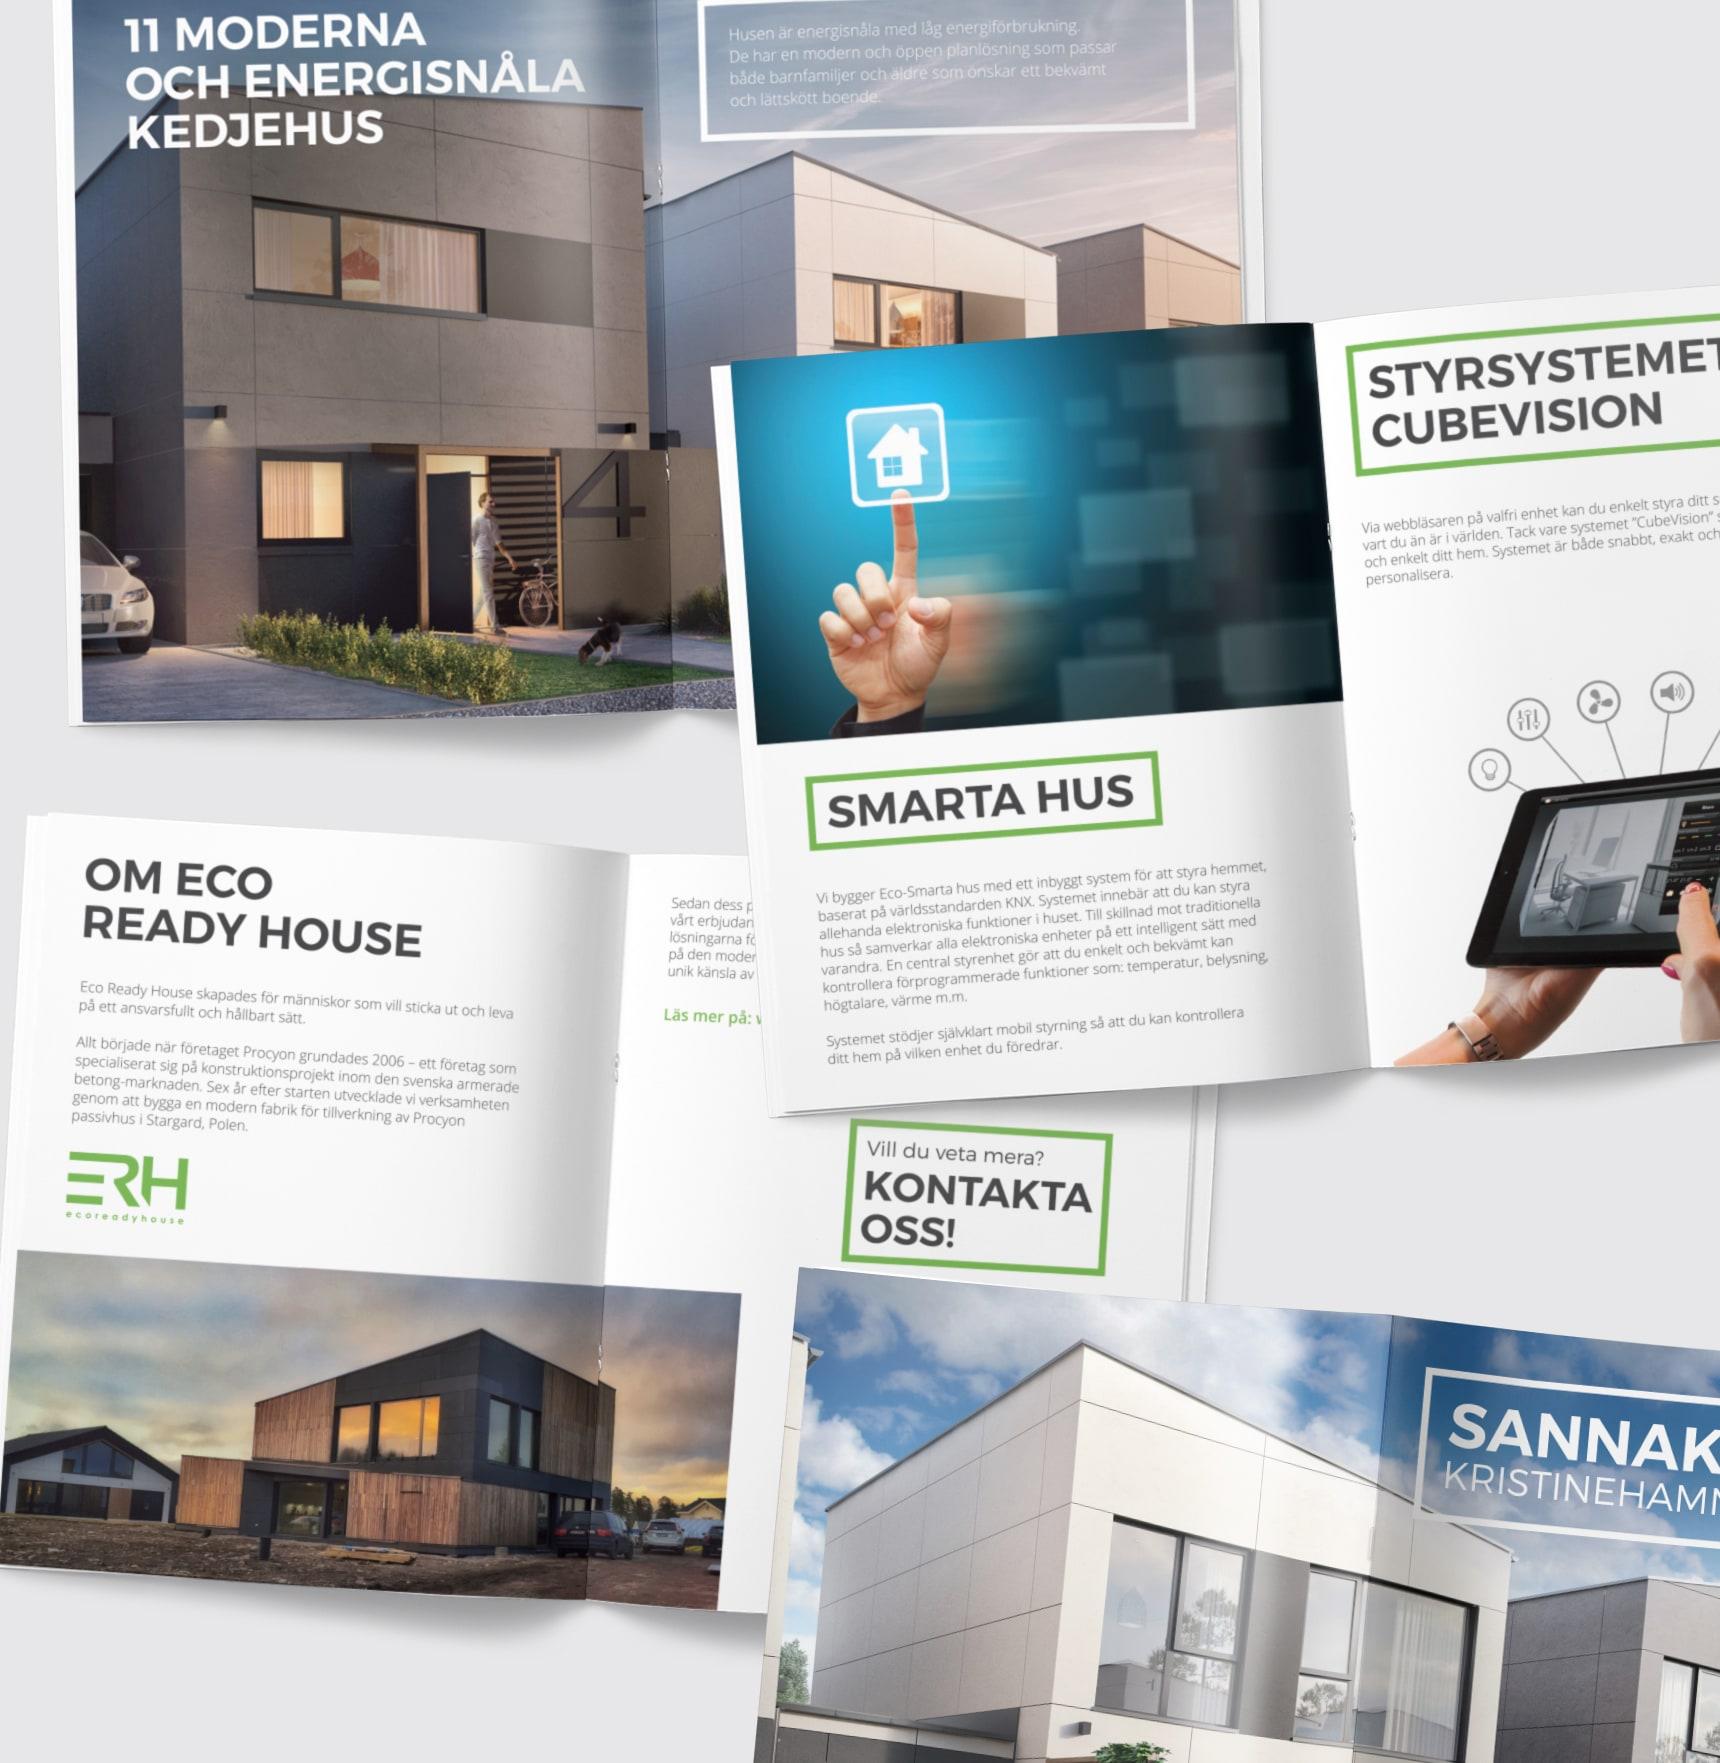 ERH - Inteligentne domy niskoenergetyczne